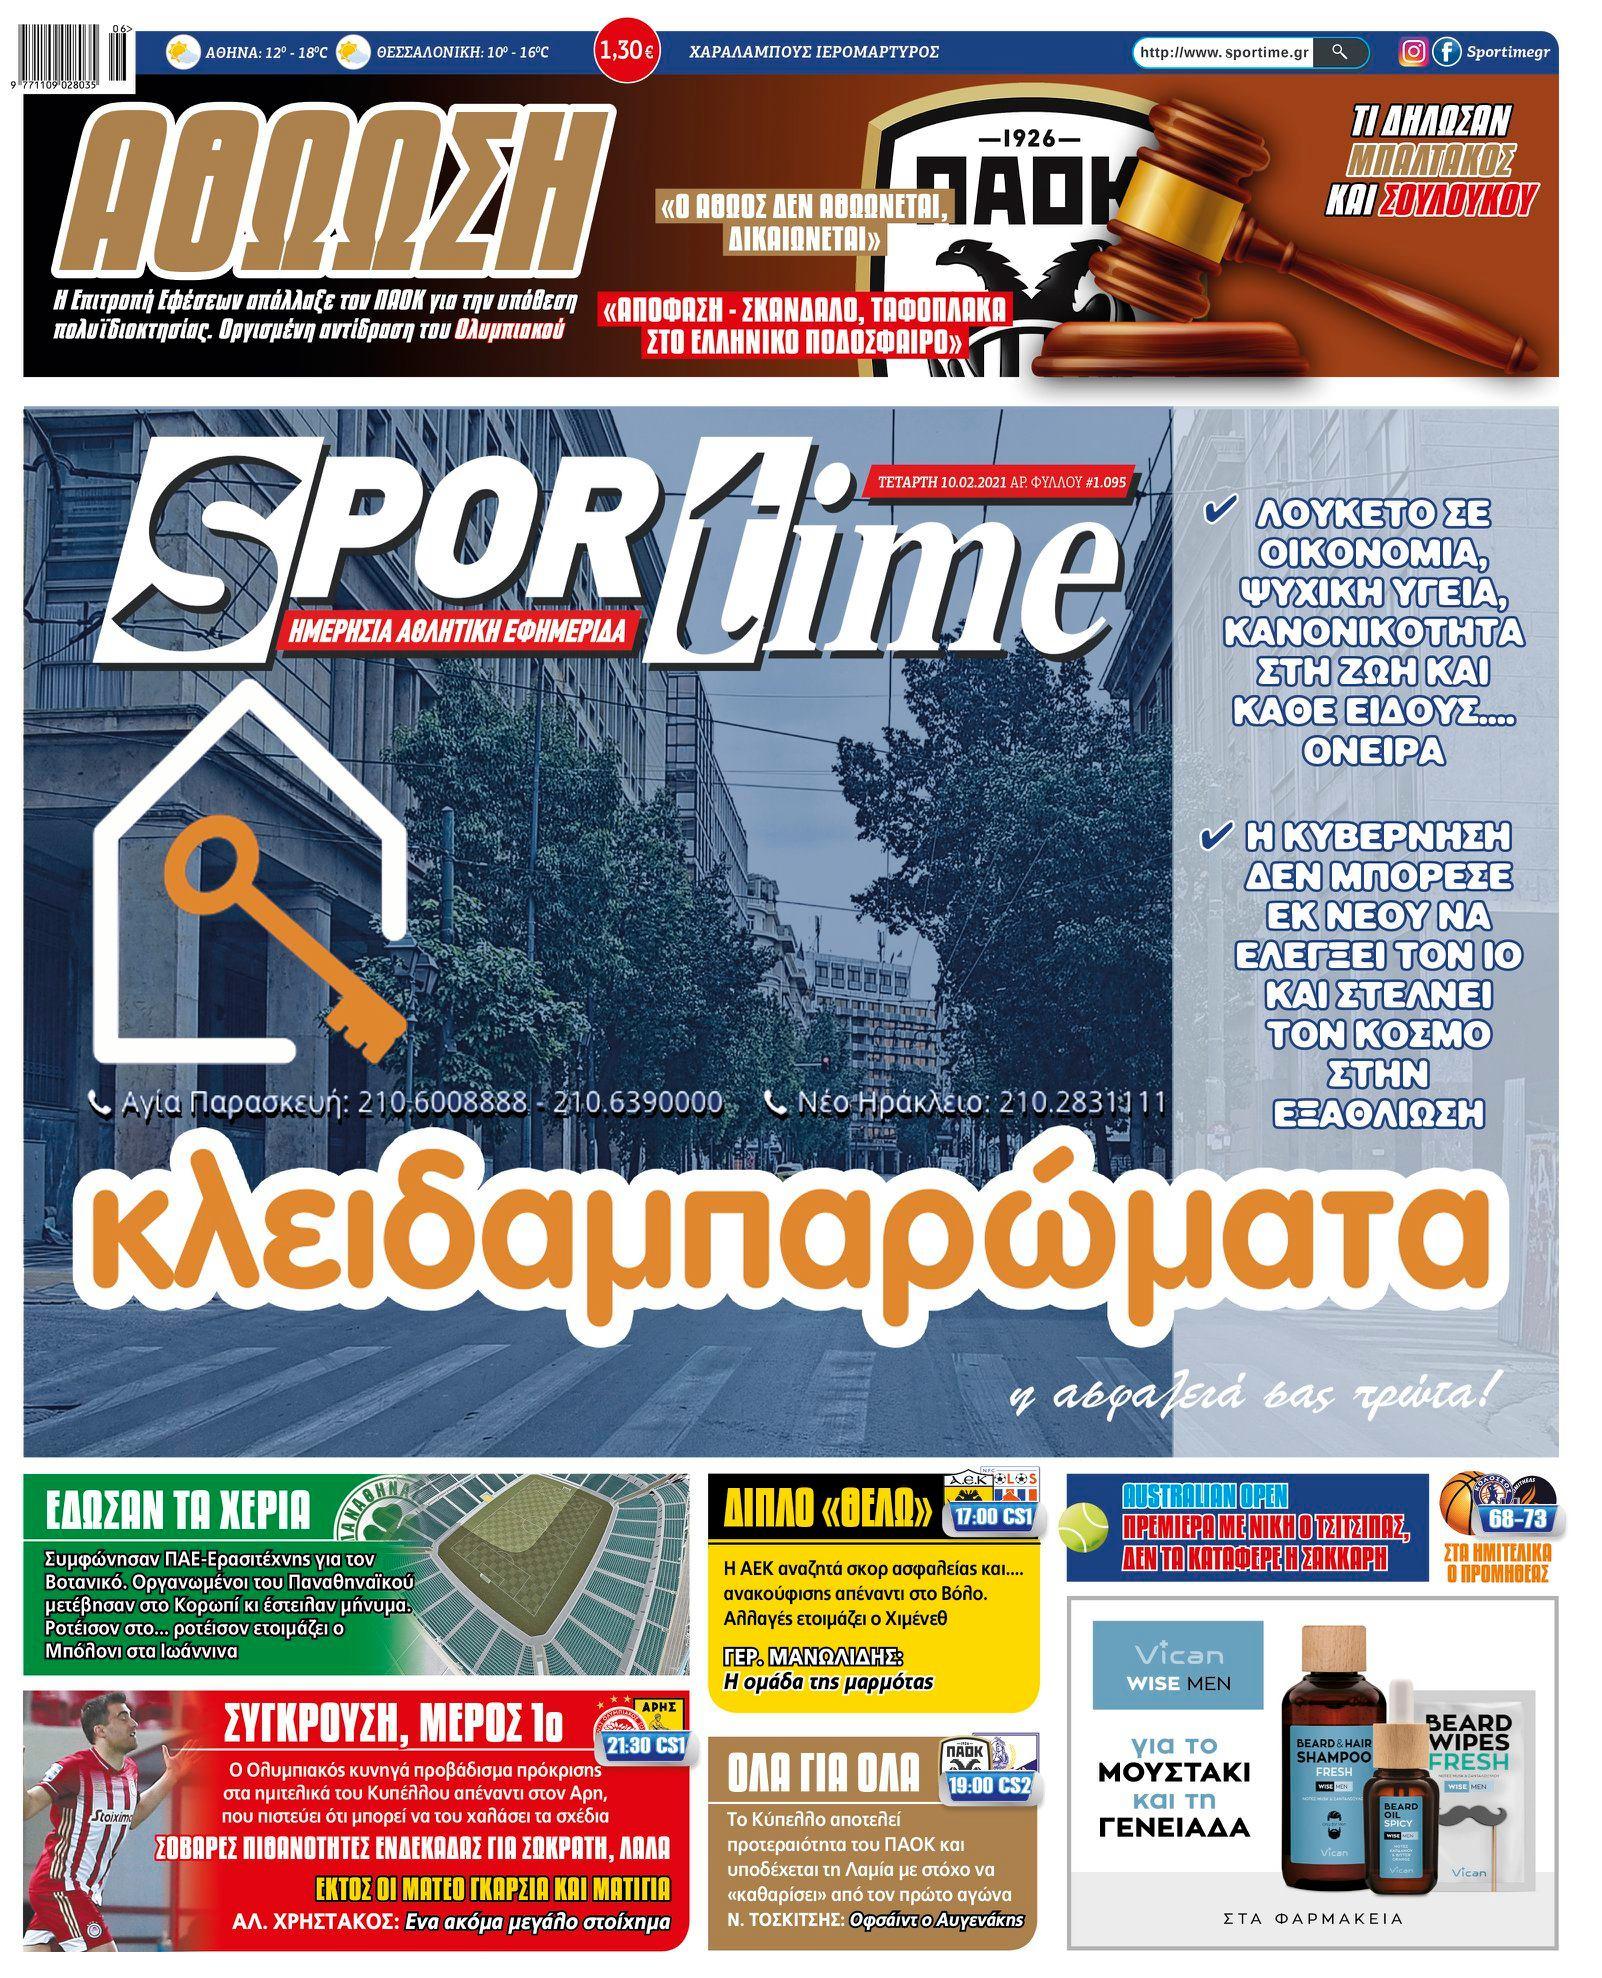 Εφημερίδα SPORTIME - Εξώφυλλο φύλλου 10/2/2021